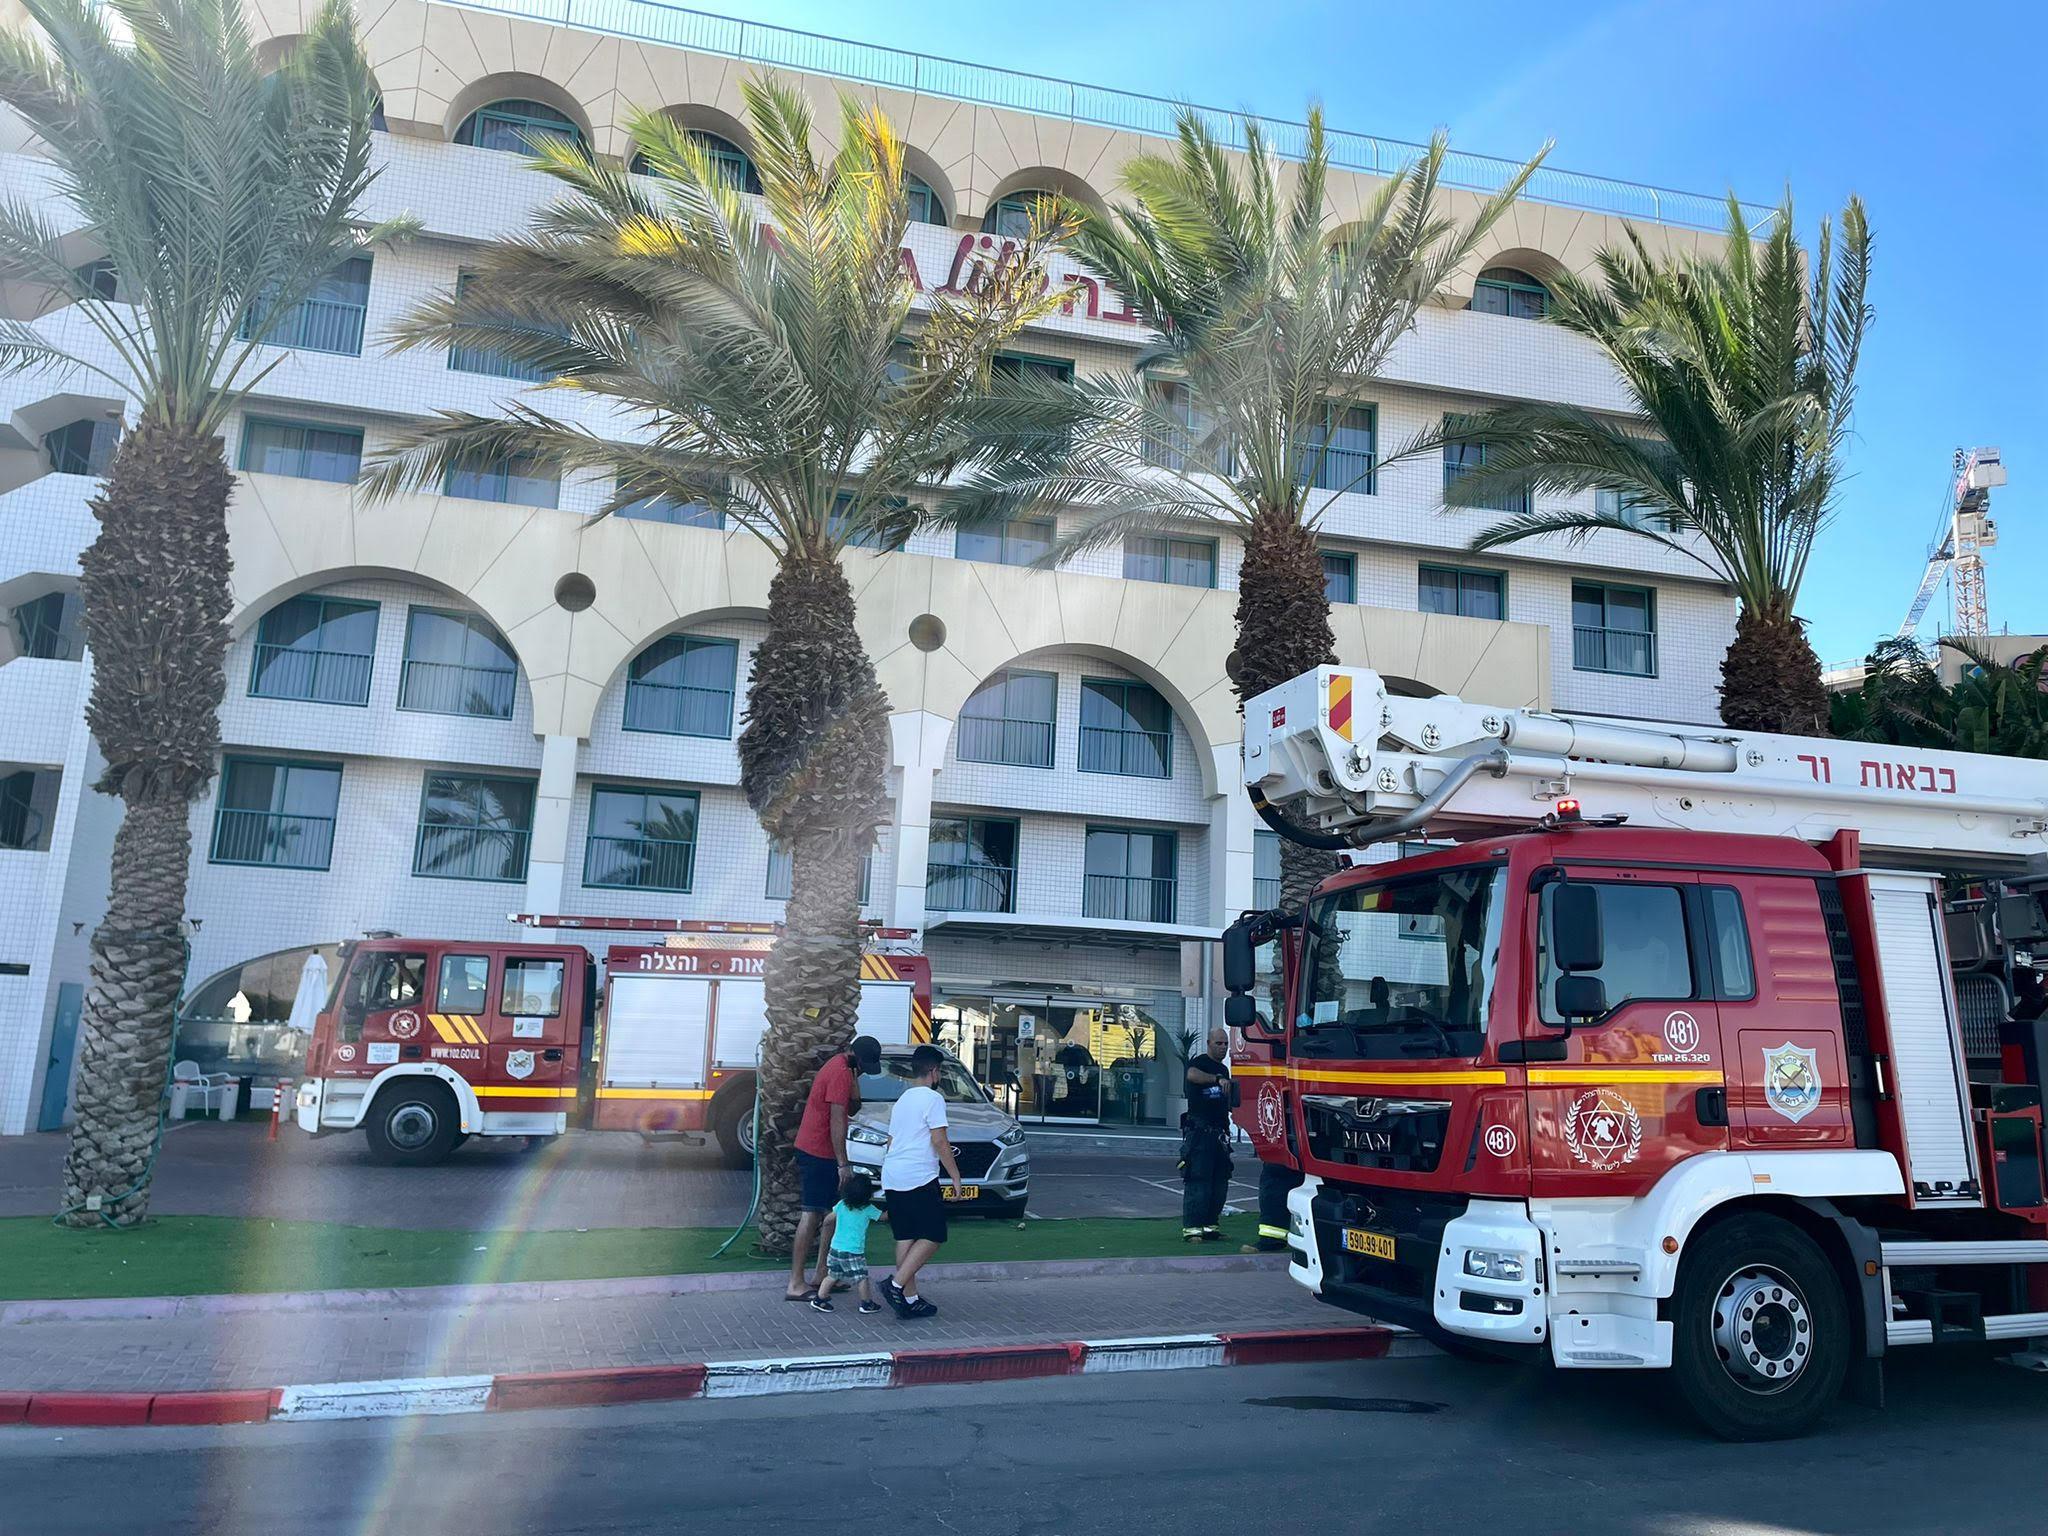 שריפה פרצה במלון באילת: יש נפגעים